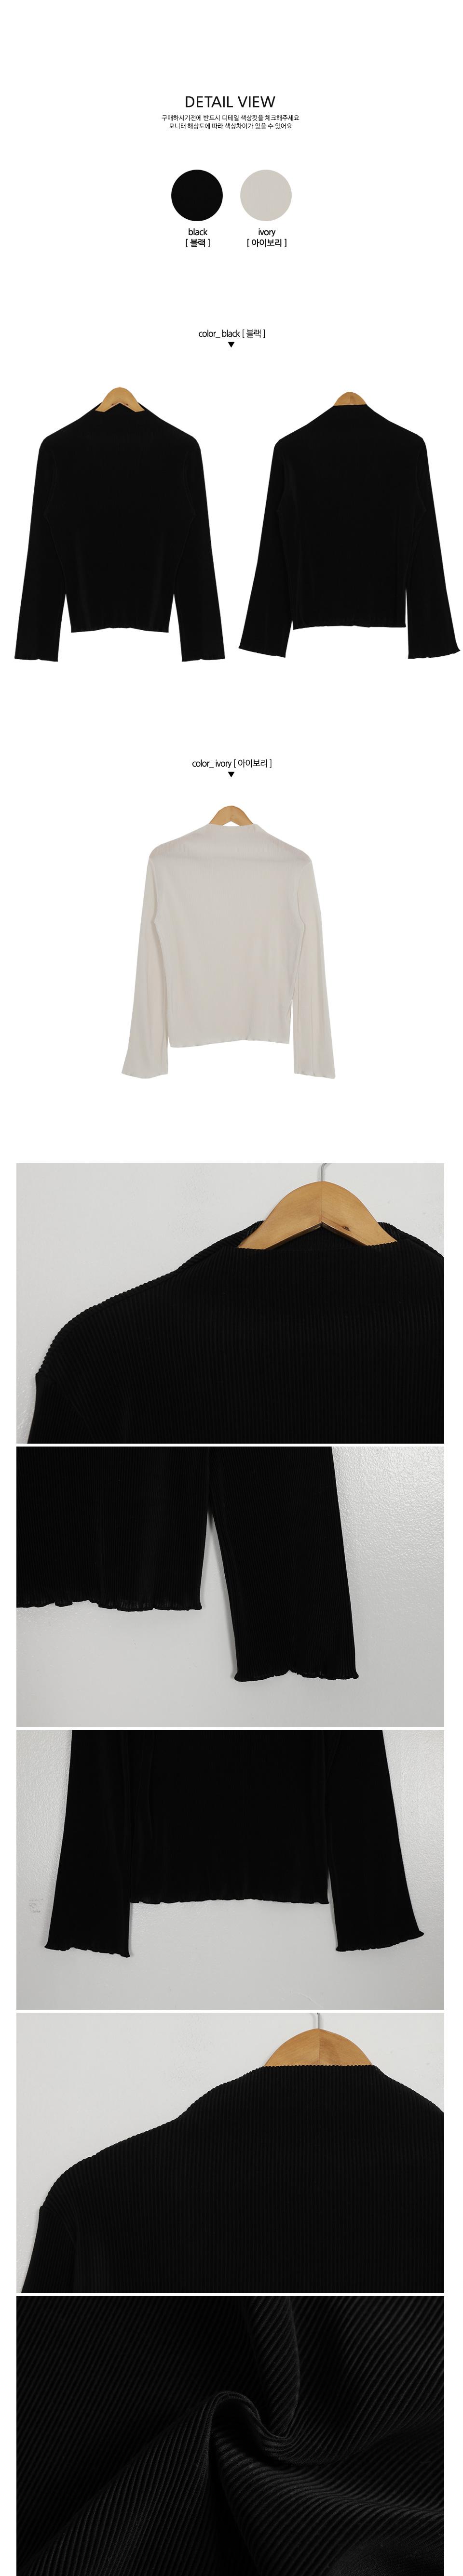 Fizz wrinkled Turtleneck T-shirt